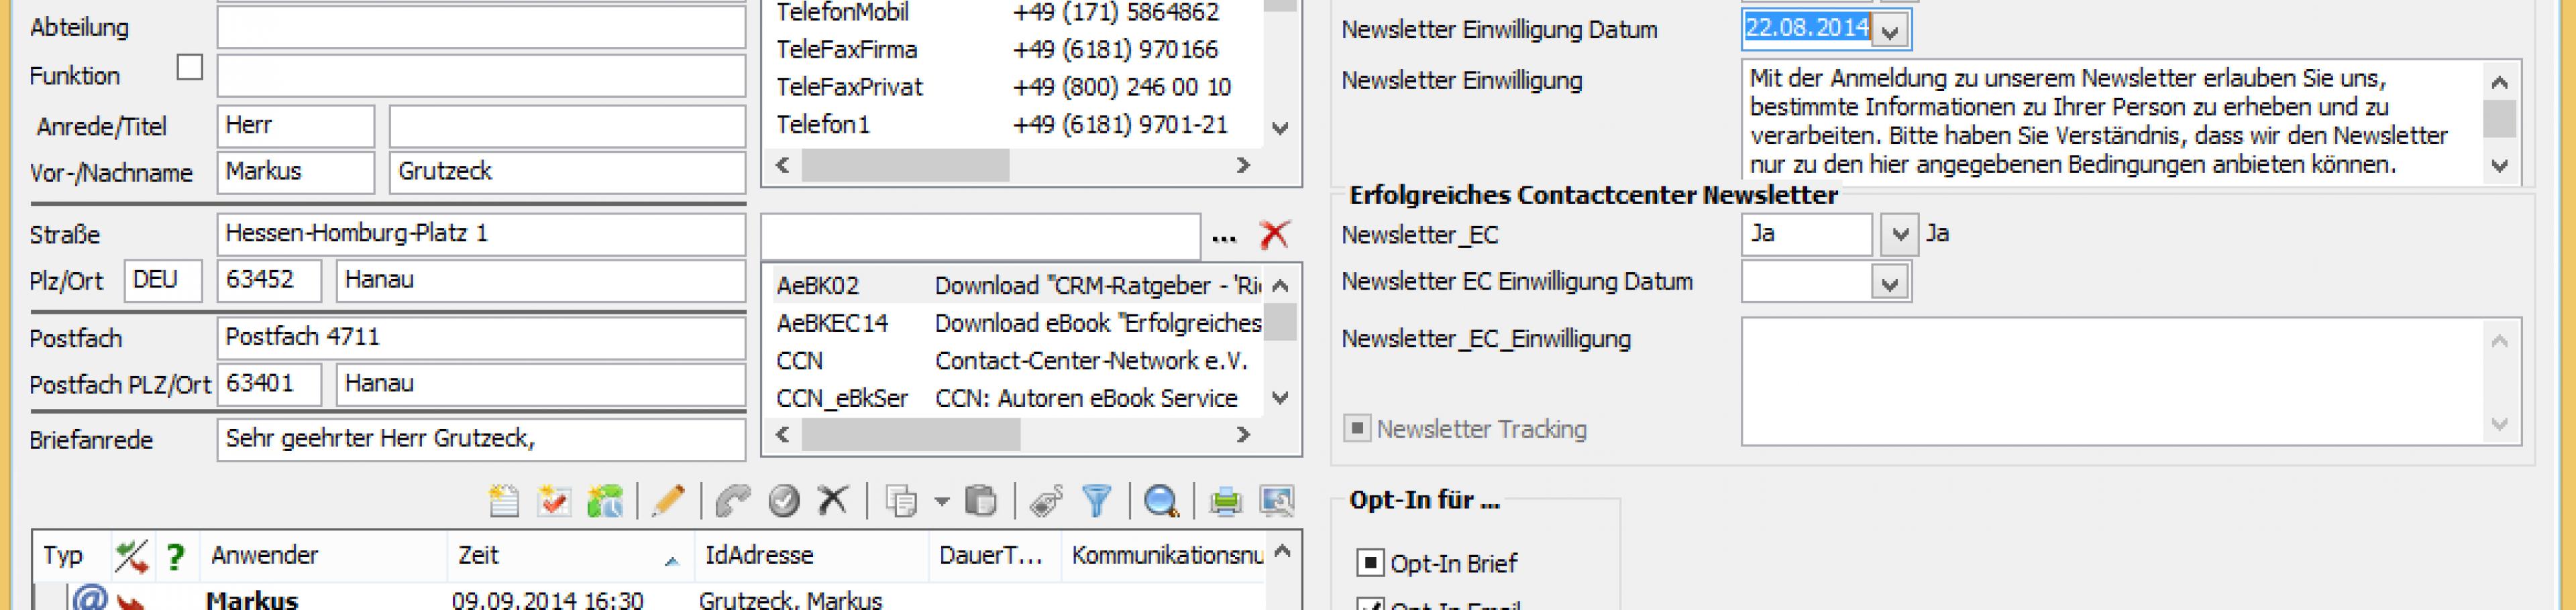 Newsletter Steuerung und Opt-In Verwaltung in CRM Software AG-VIP SQL